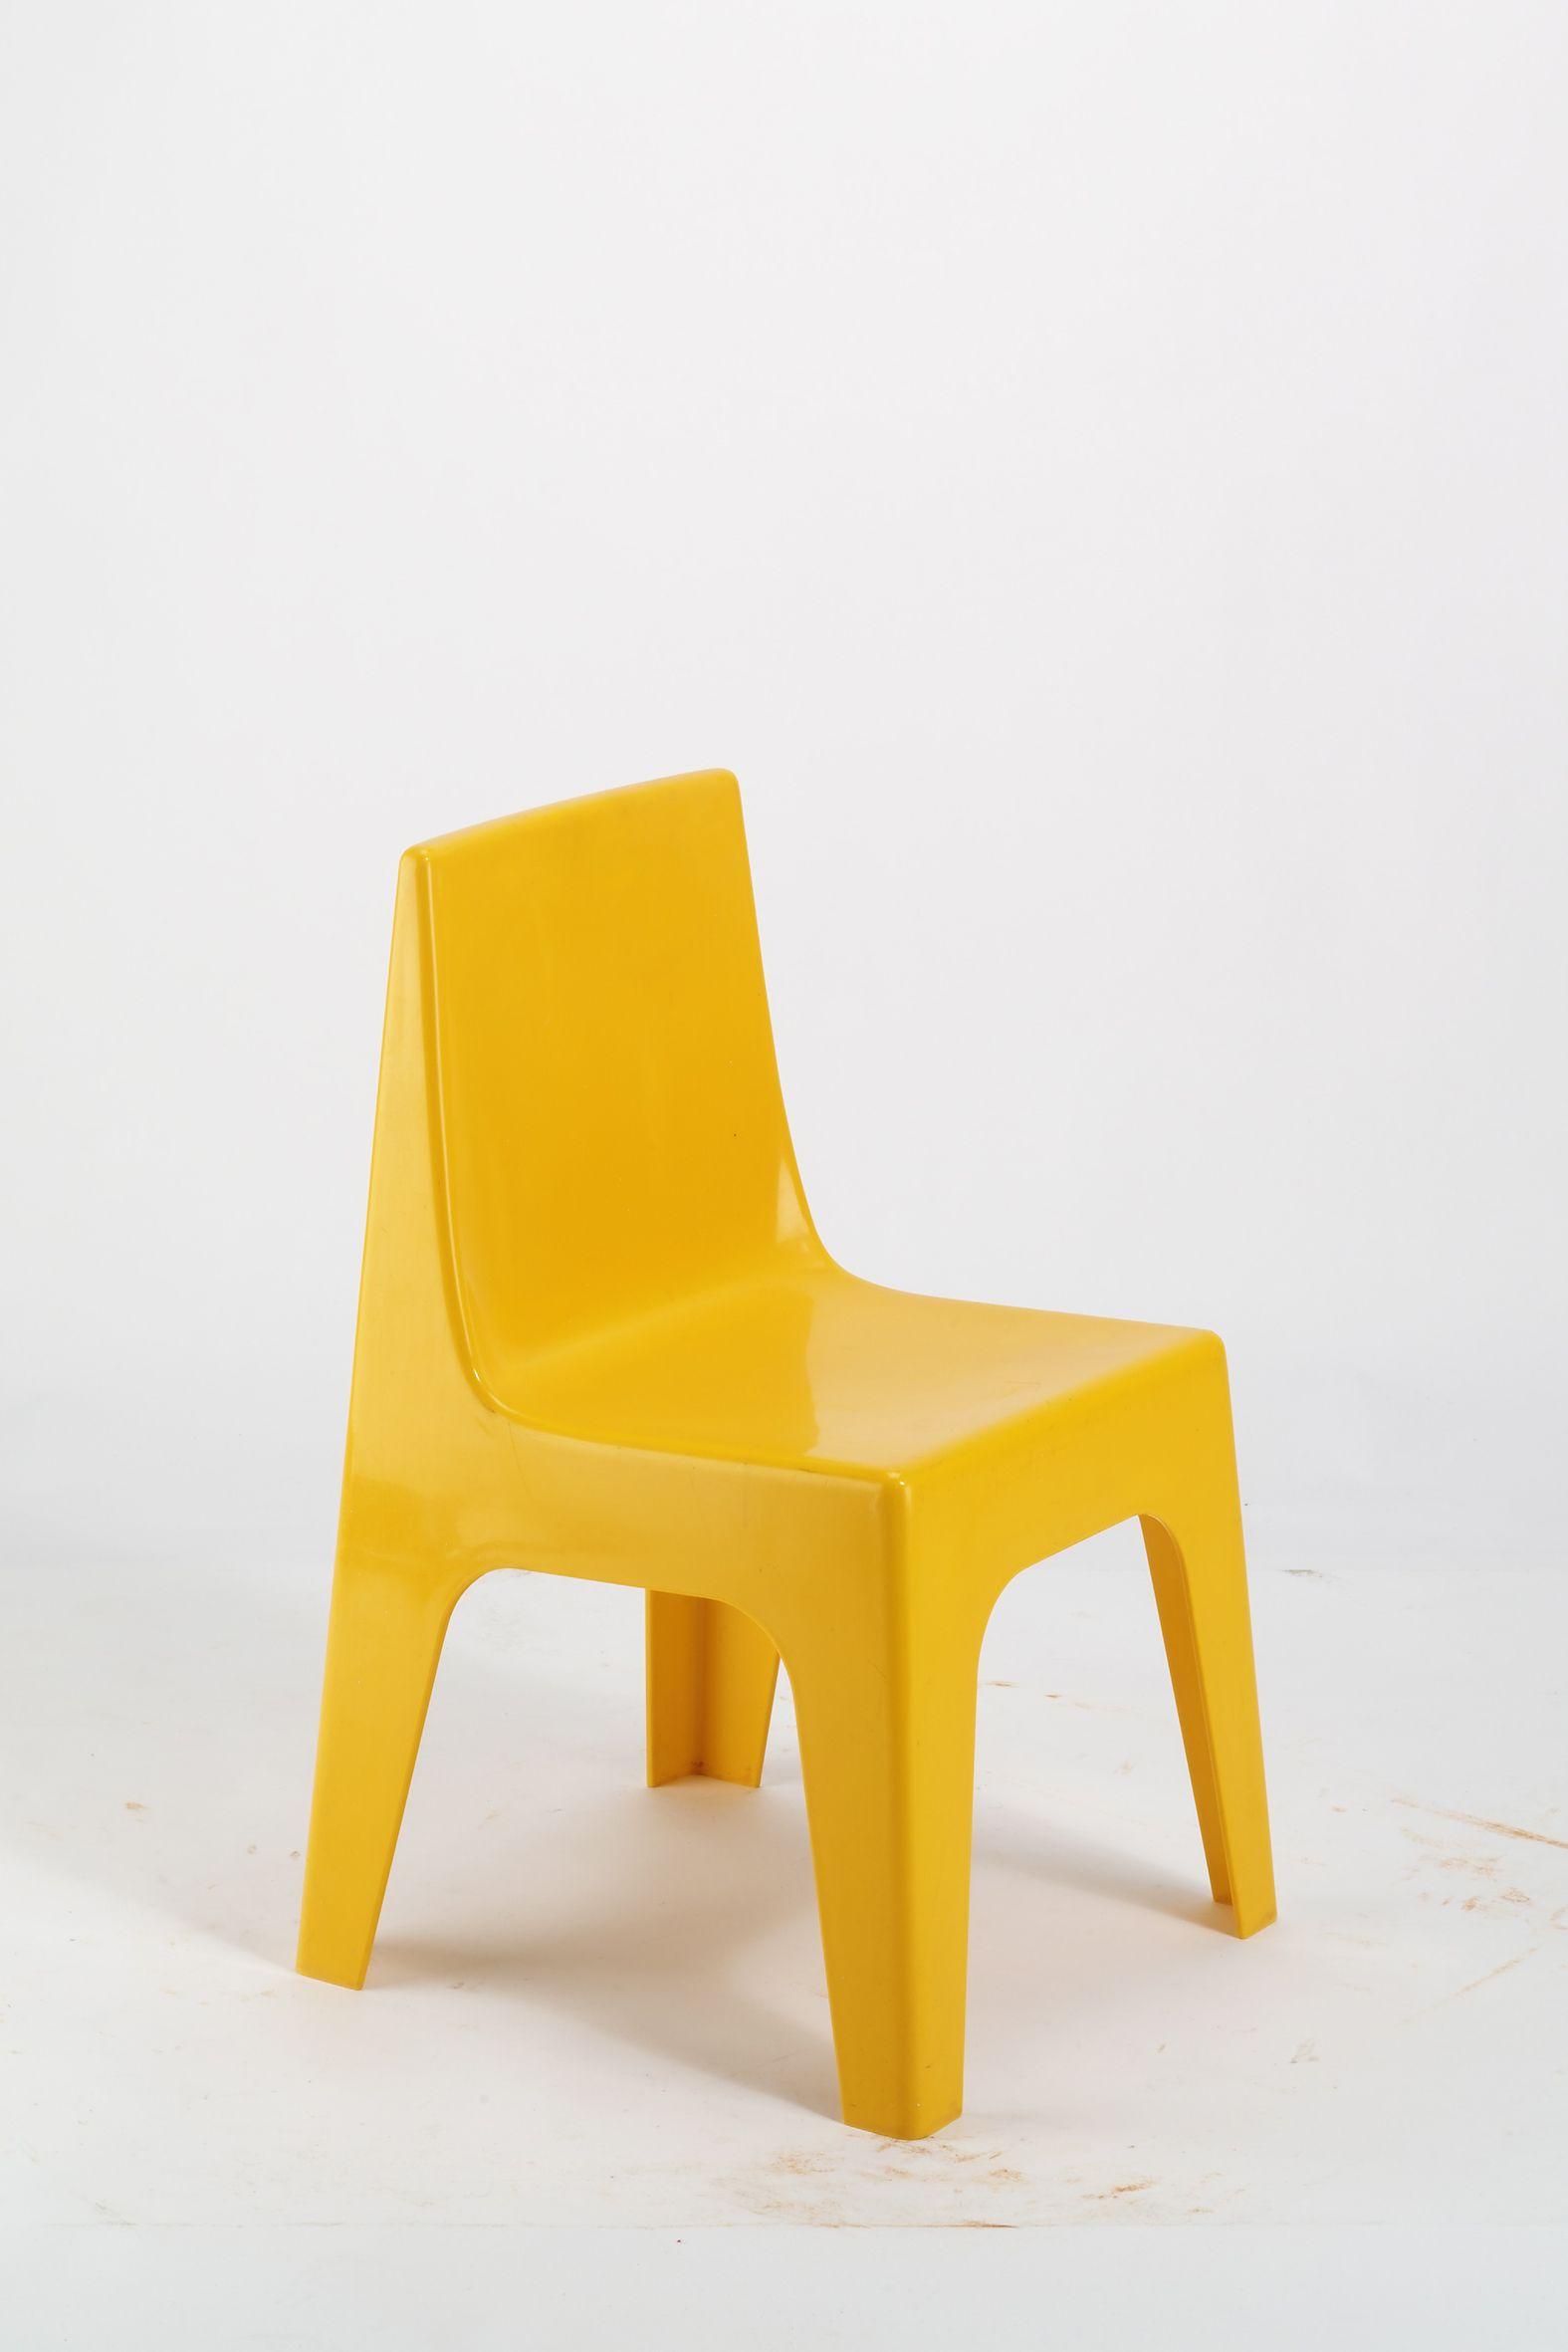 Kinderstuhl Design entwurf unbekannt kinderstuhl aus kunststoff 1960er jahre mid